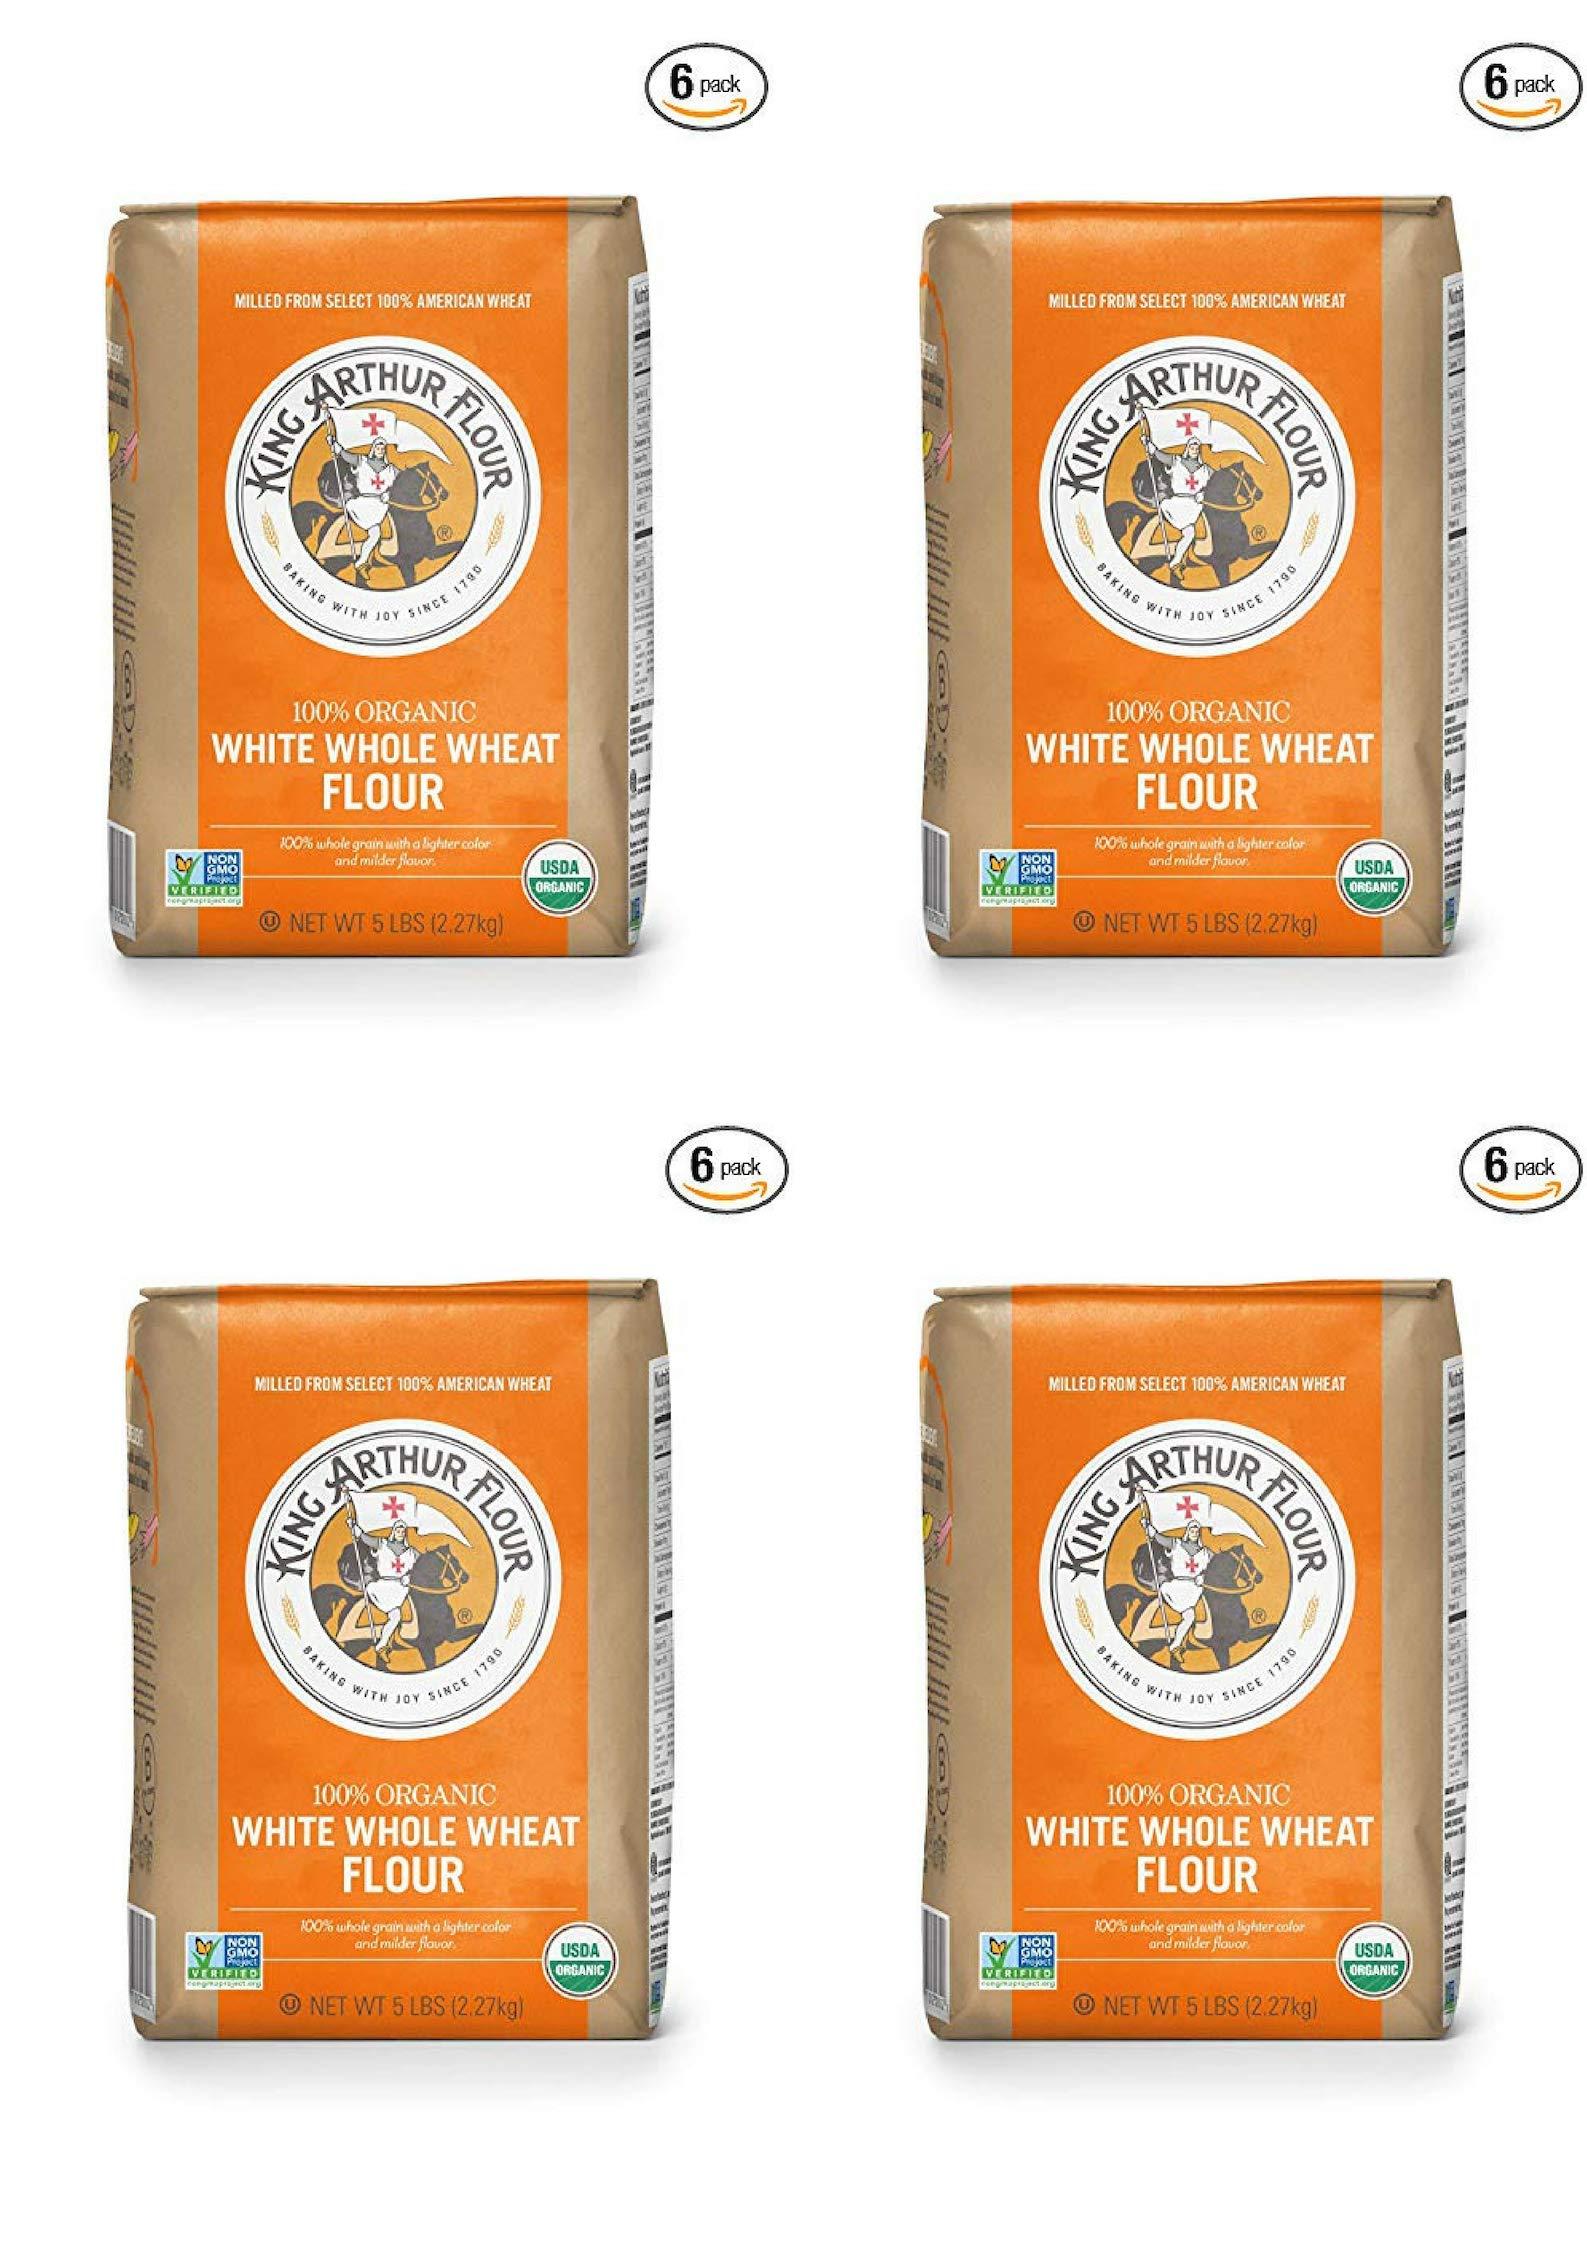 King Arthur Flour 100% Organic White Whole Wheat Flour, 5 Pound (24 Pack) by King Arthur Flour (Image #1)